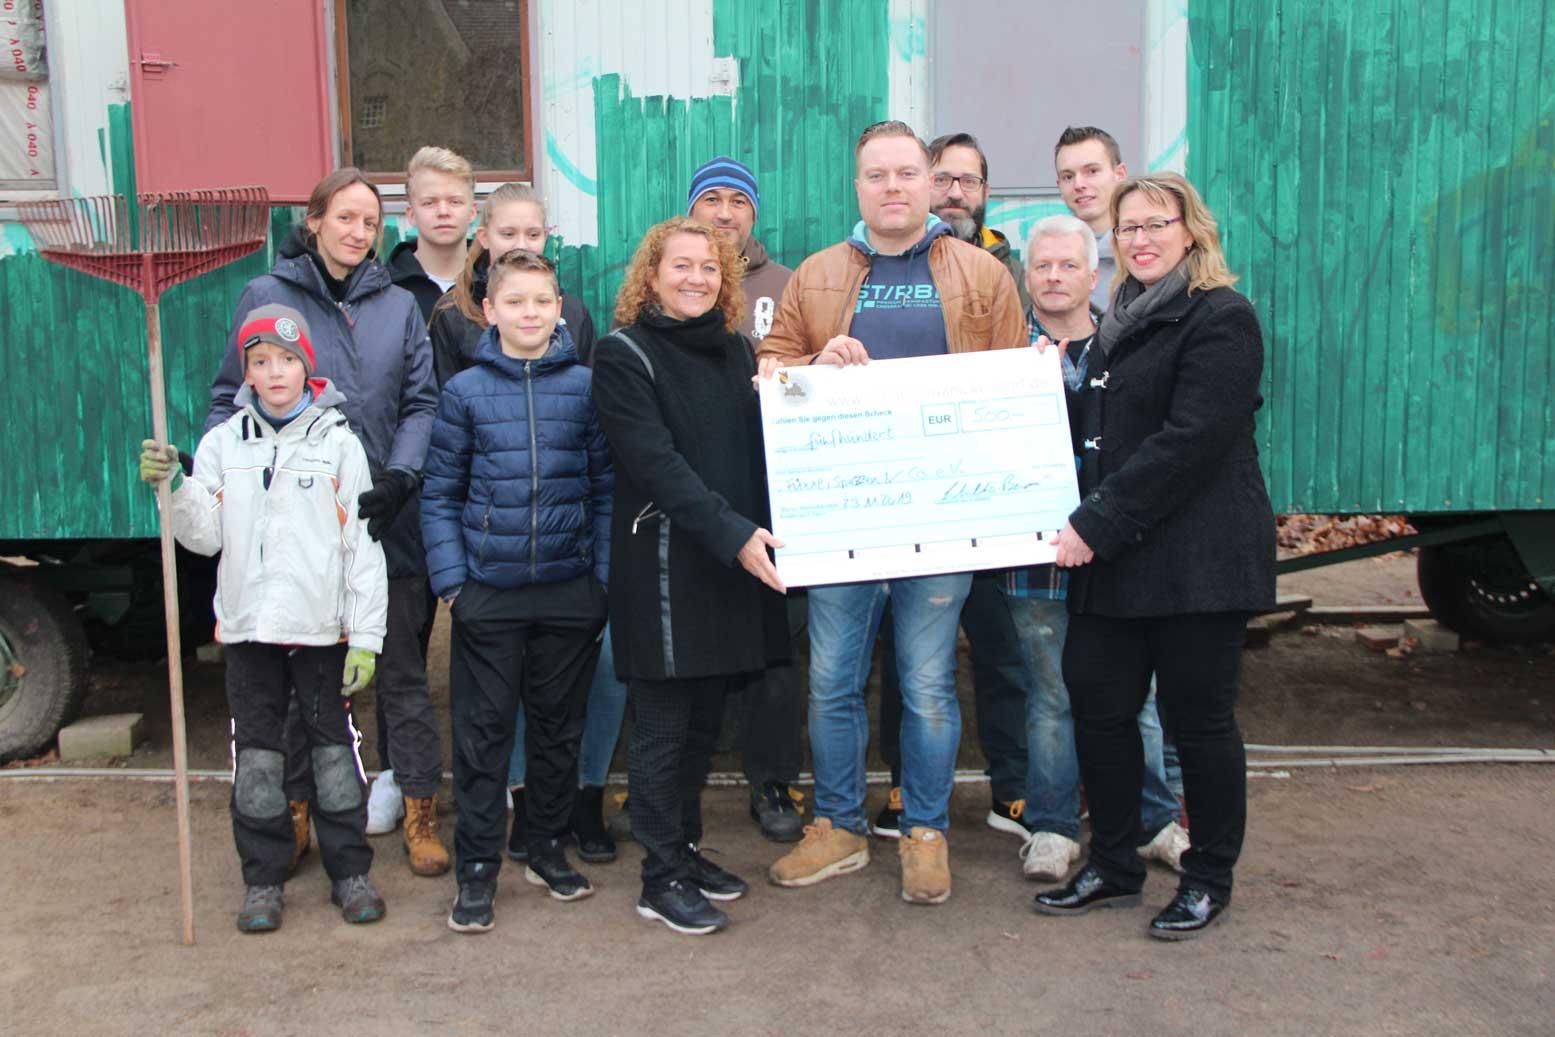 Unterstützung für mobilen Jugendclub in Konradshöhe